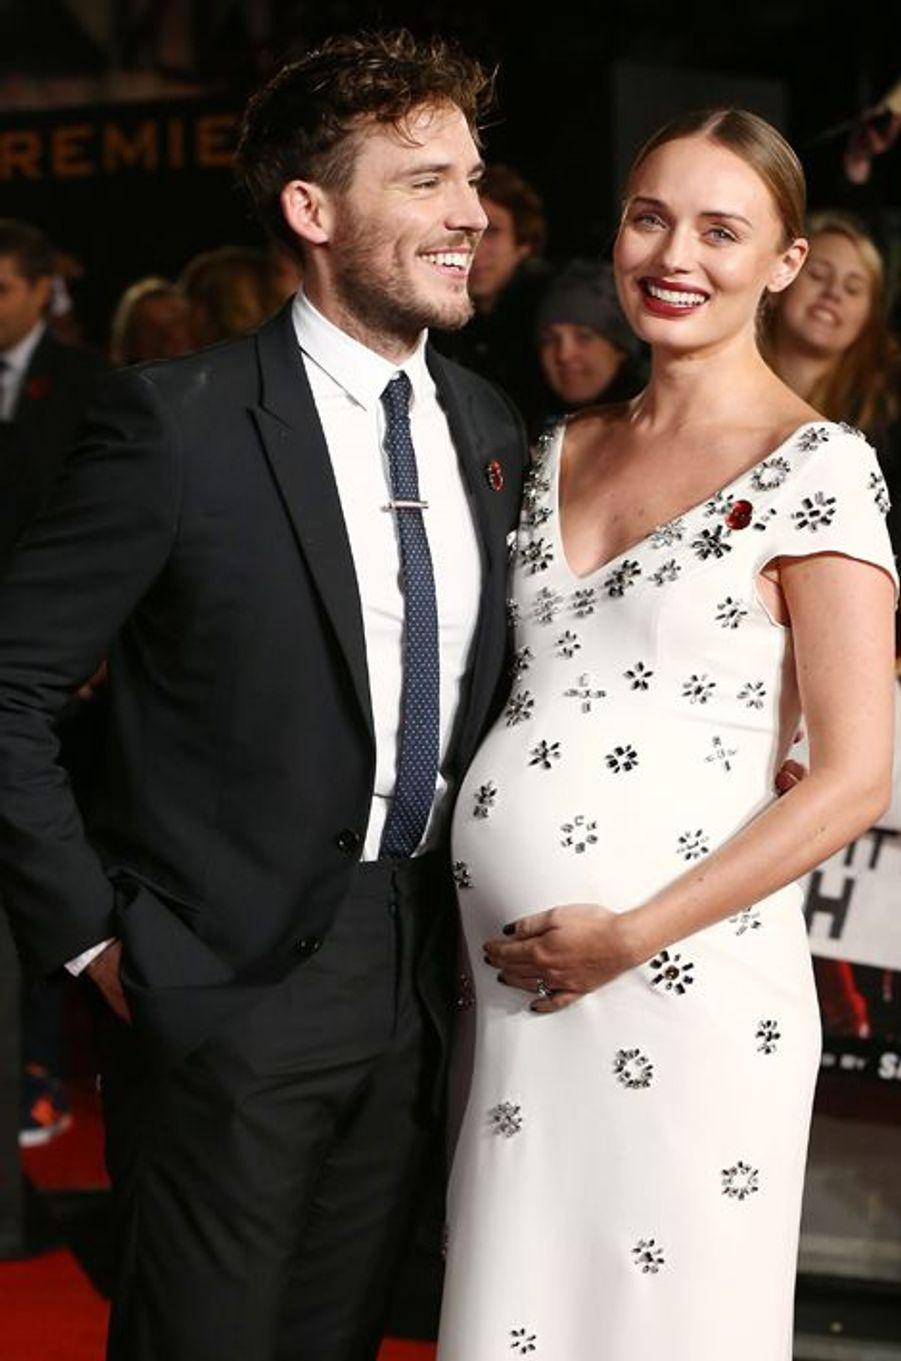 Sam Claflin du film «Hunger Games» et sa femme Laura Haddock attendent leur premier enfant.